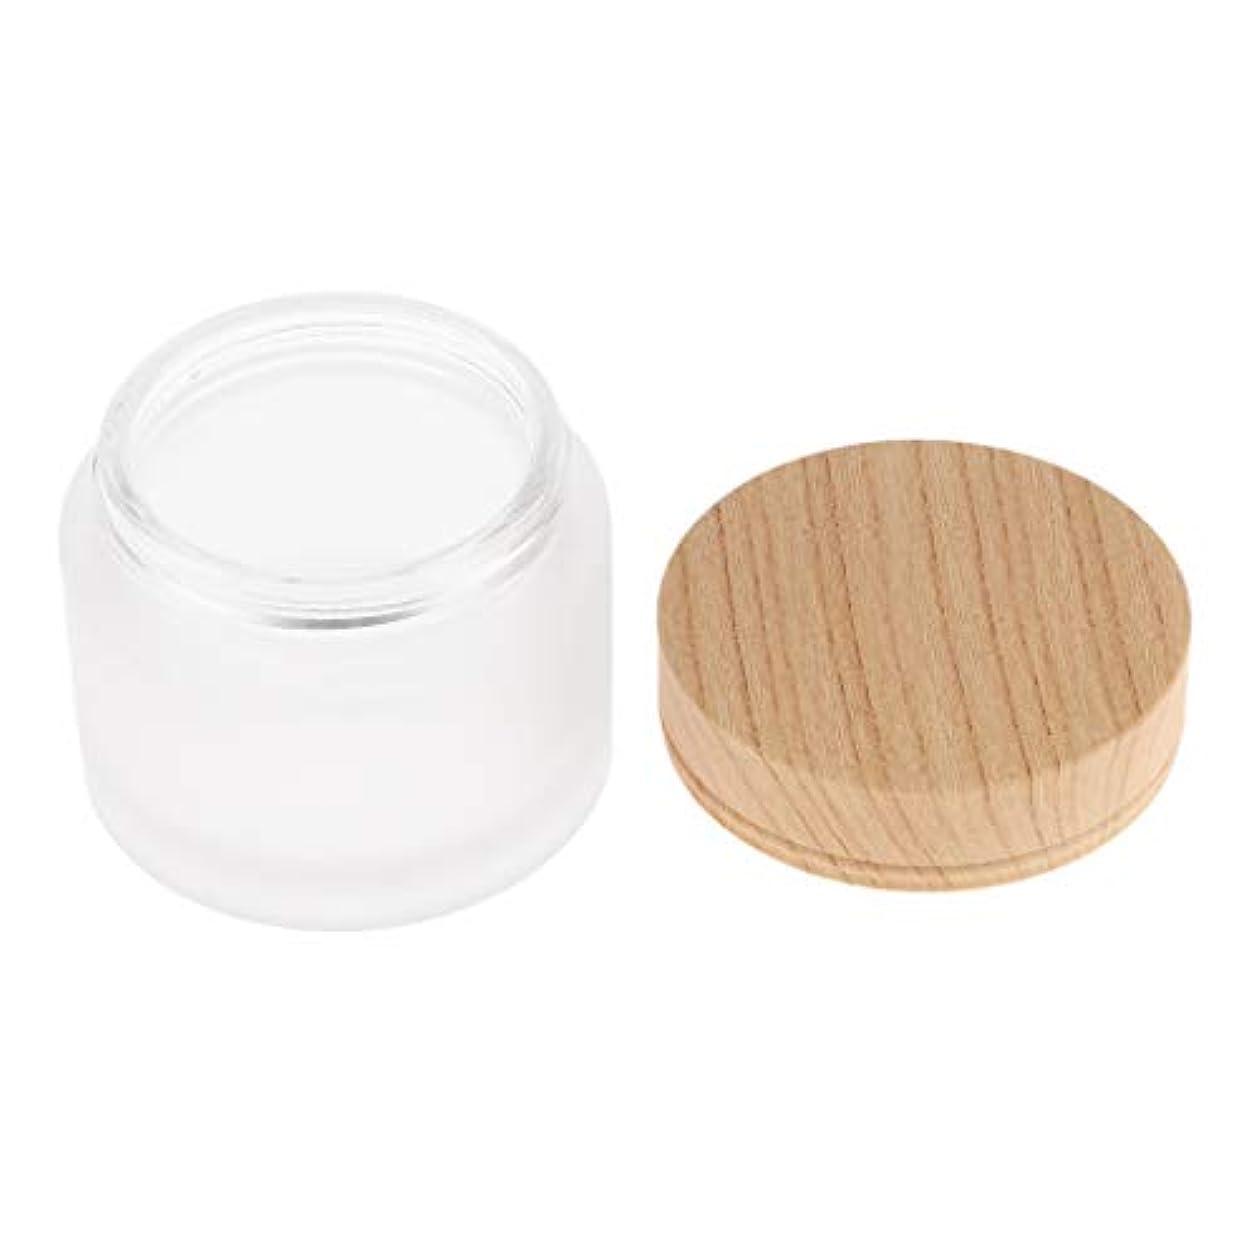 ヘルメットサイレン不器用再利用可能なフェイスクリーム保湿剤化粧容器ポット化粧品瓶缶 - 50g